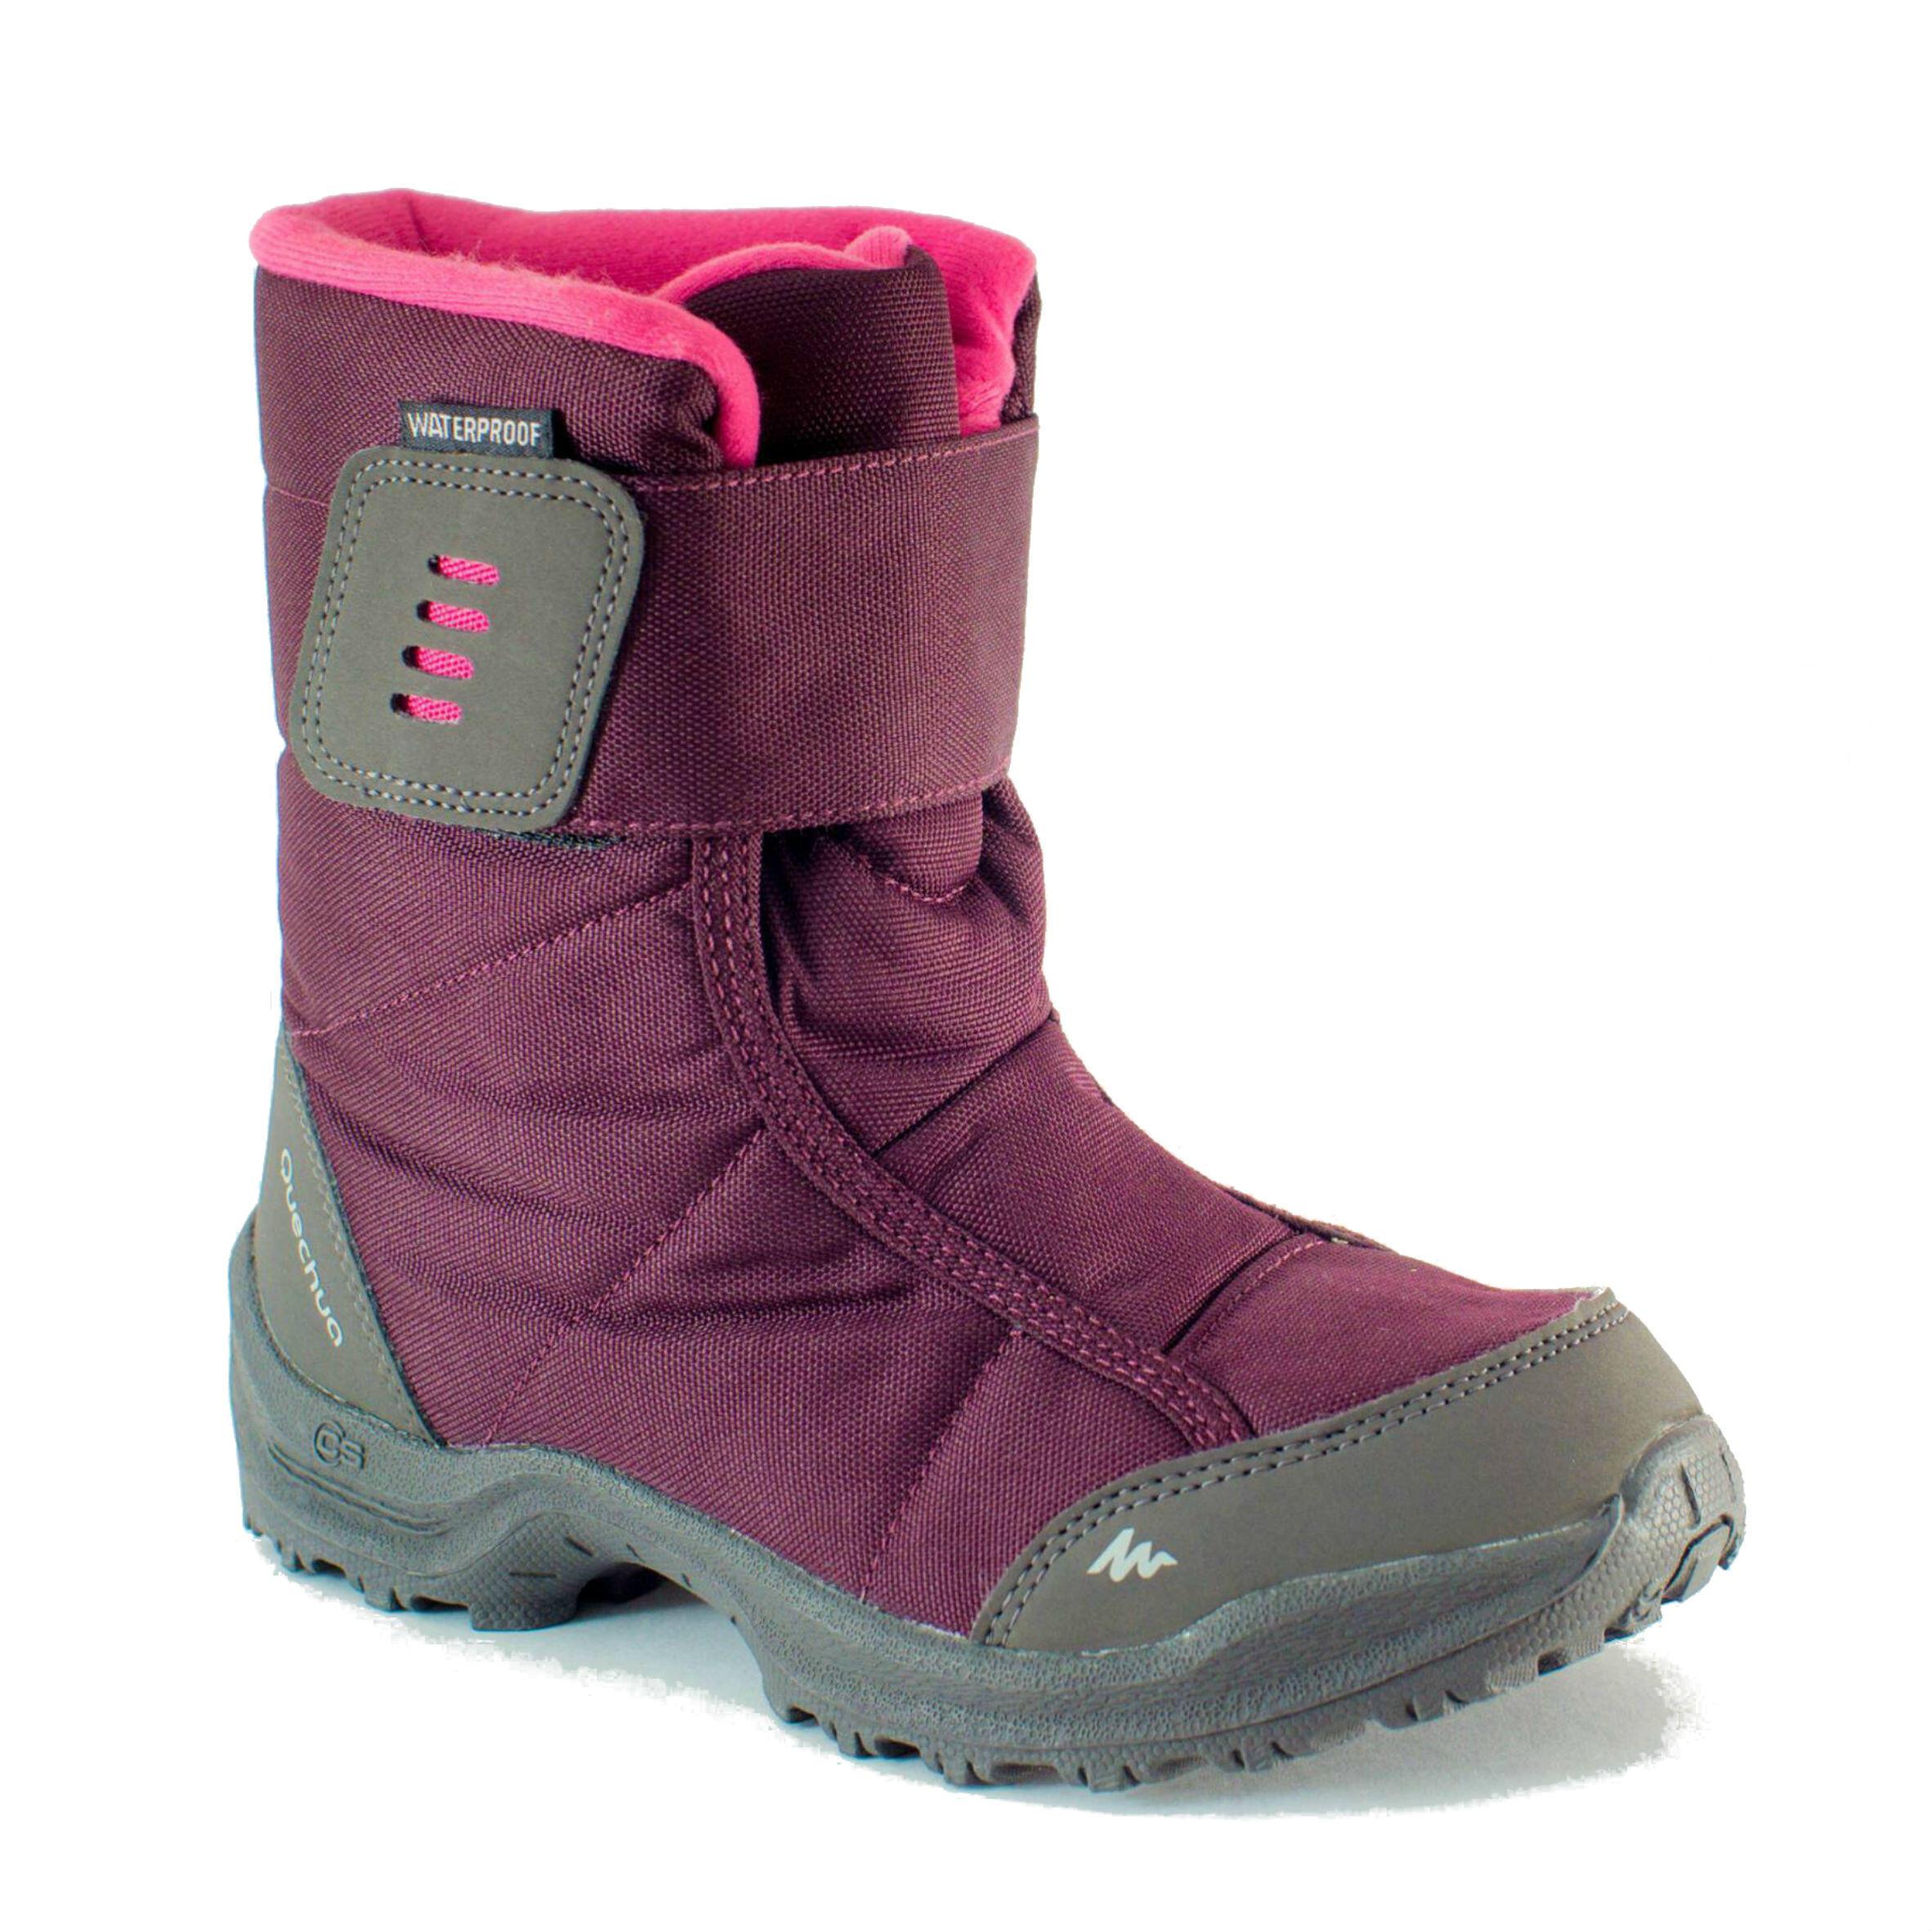 Bottes de randonnée neige enfant SH100 x,warm Noir